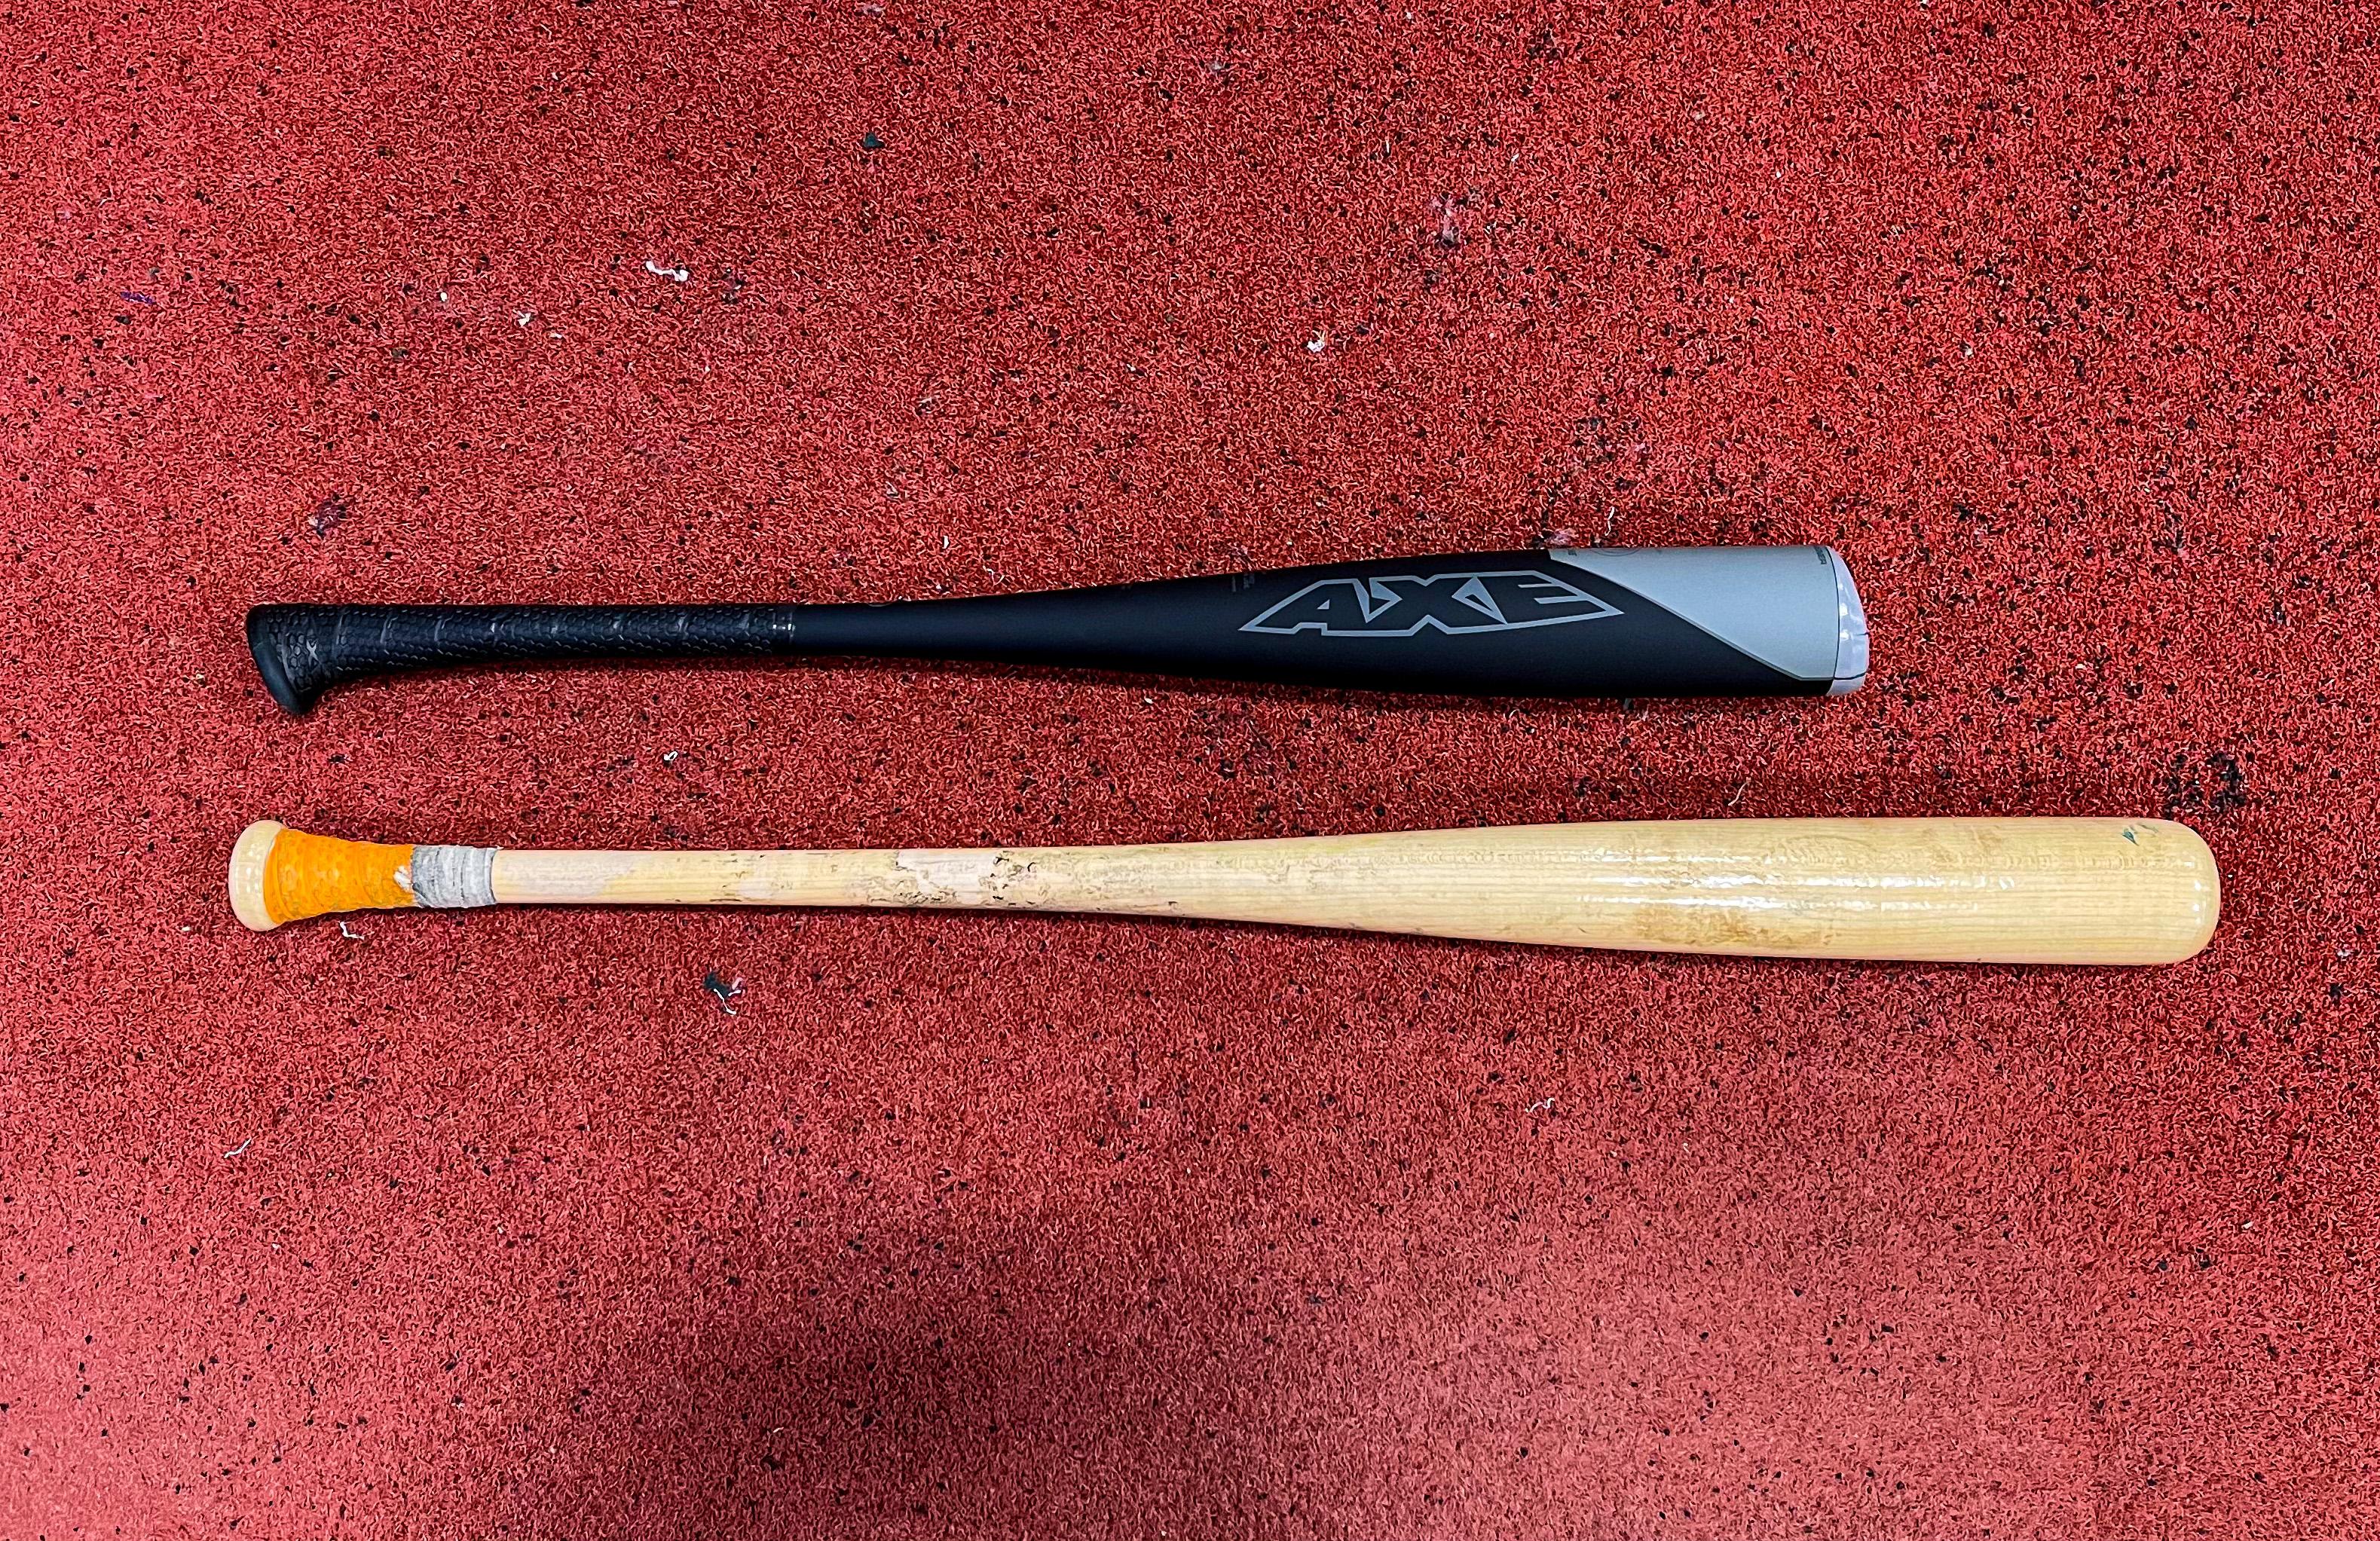 short trainer vs. real bat